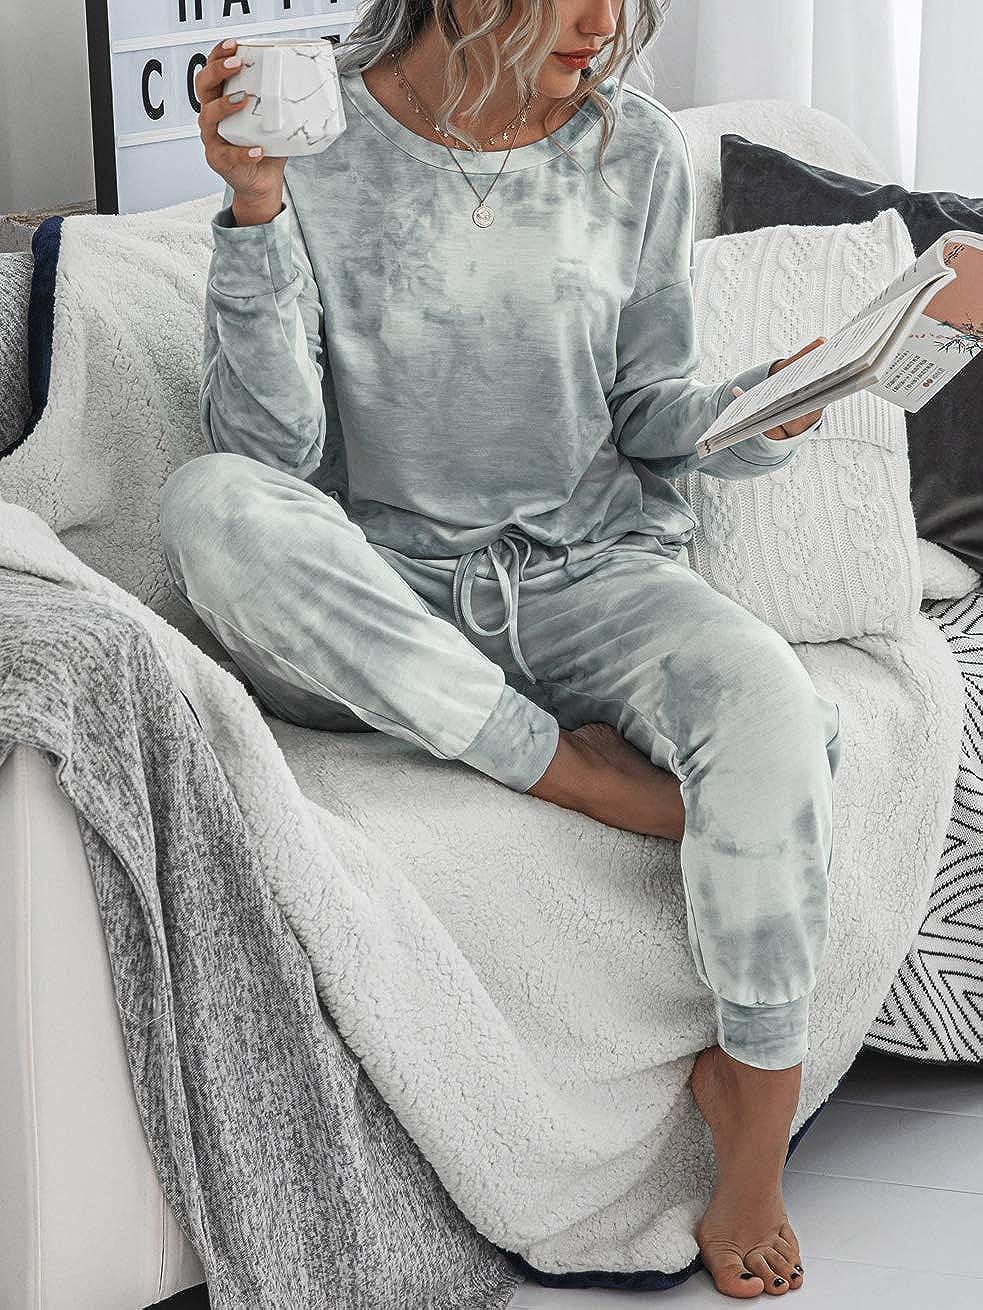 Doaraha Conjunto de Ch/ándal para Mujer Algodon Manga Larga Sudadera y Pantal/ón Casual Conjunto de Deporte Conjunto Pijama para Primavera,Oto/ño,Invierno